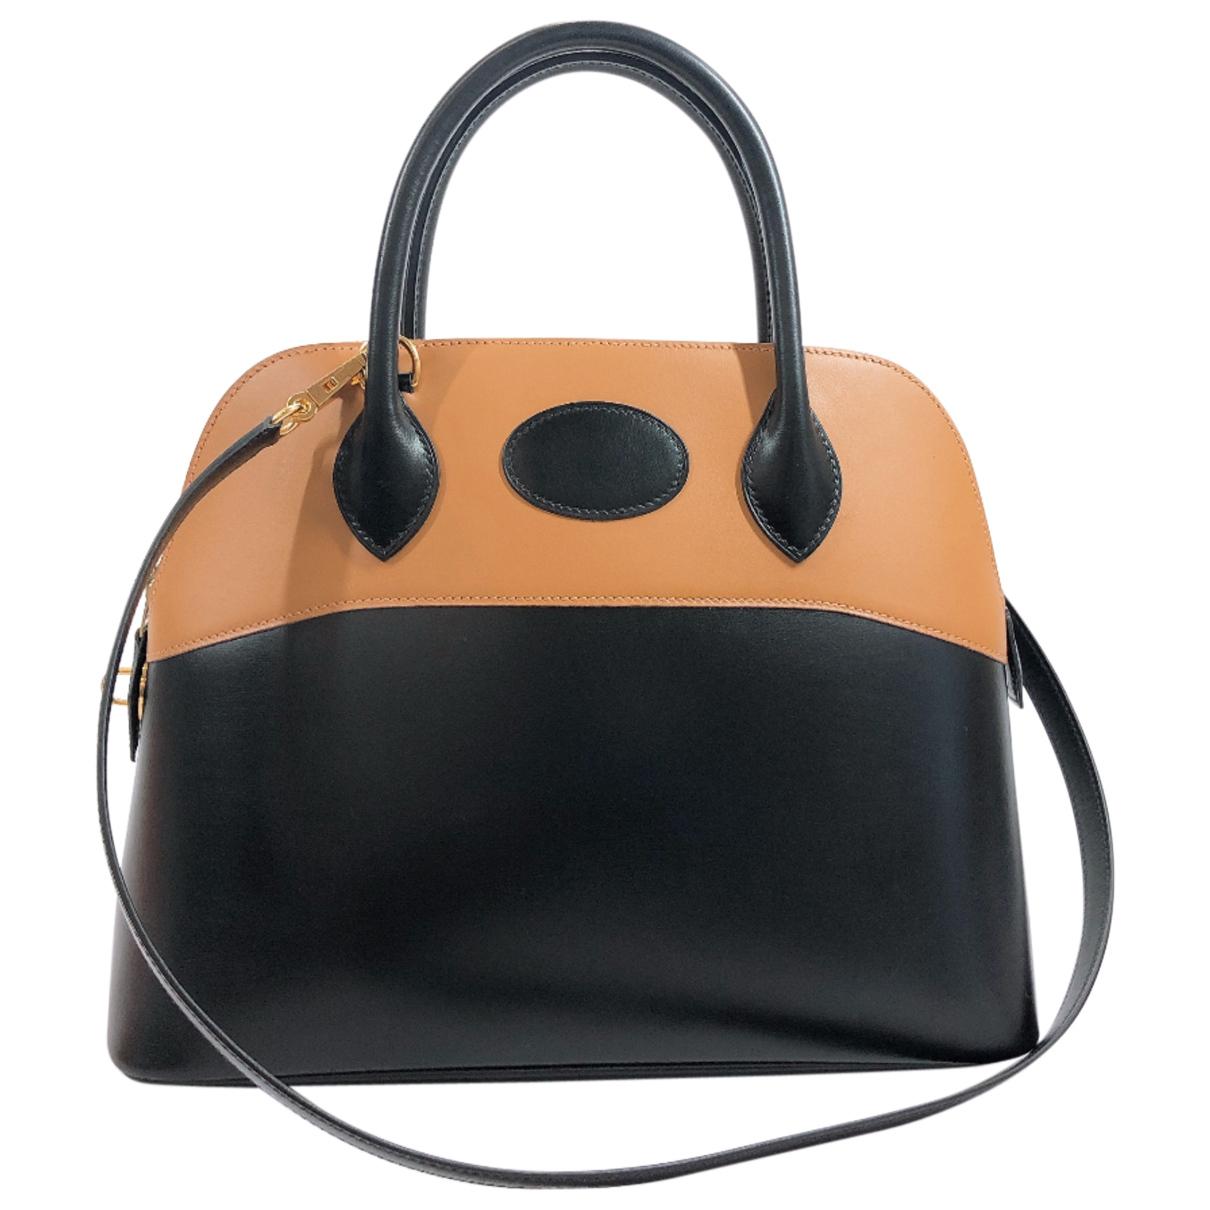 Hermes Bolide Handtasche in  Bunt Leder